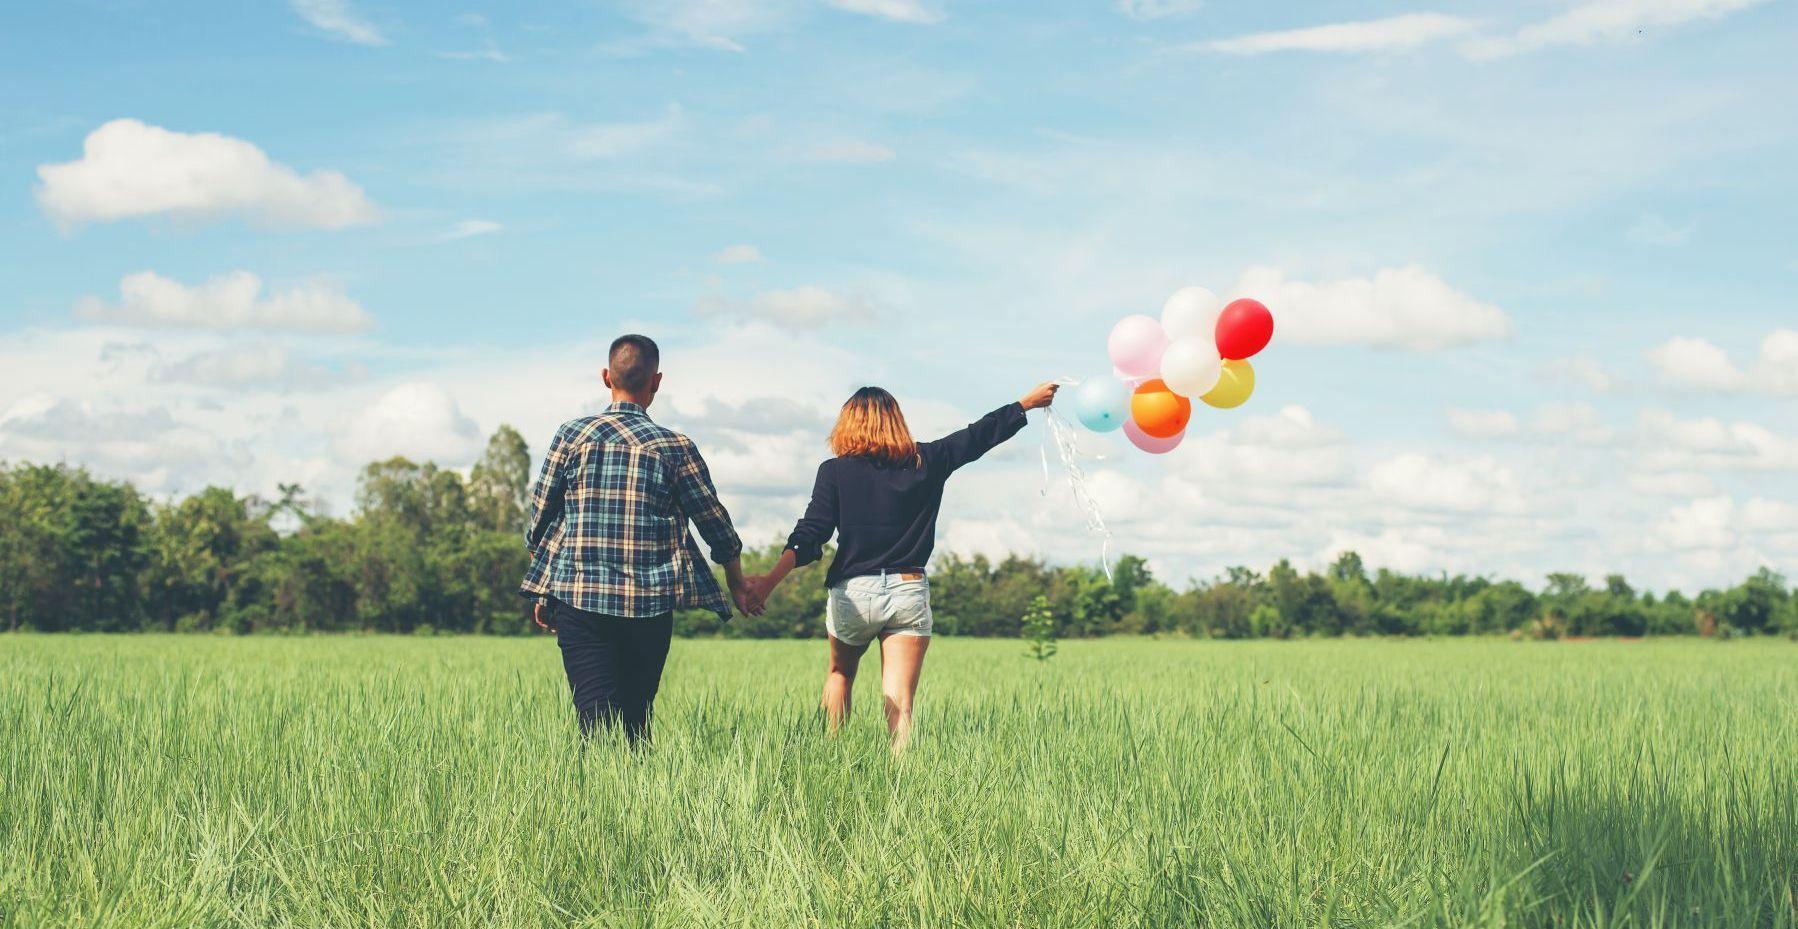 當關係沒有愛,只剩下責任,該不該繼續?